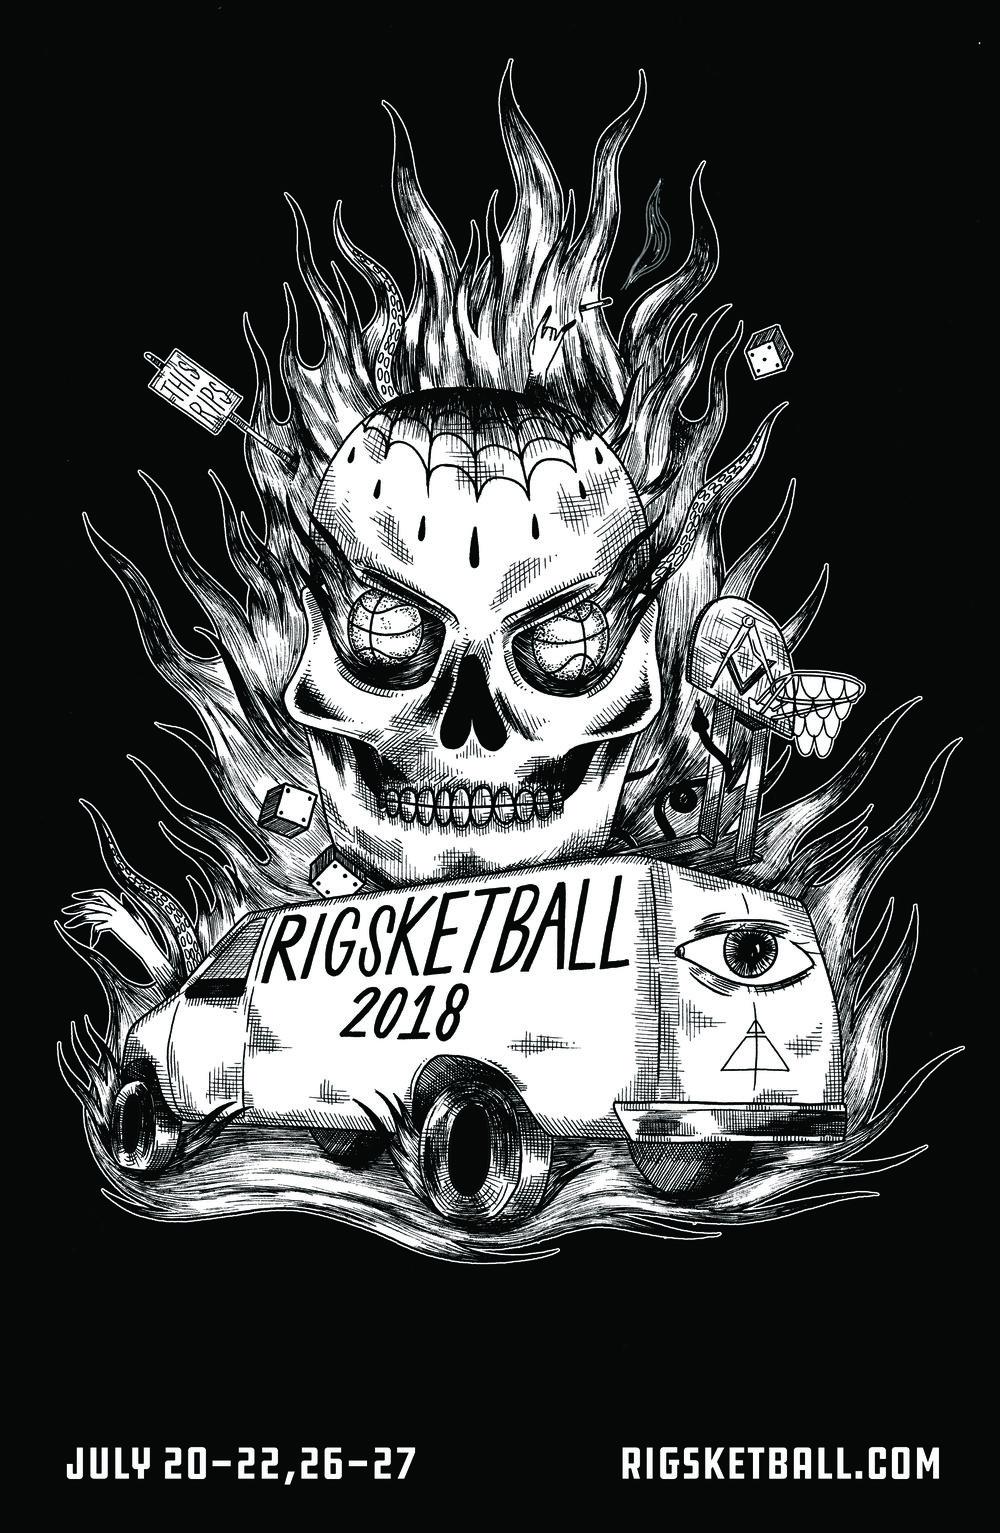 Rigsketball_poster-01.jpg